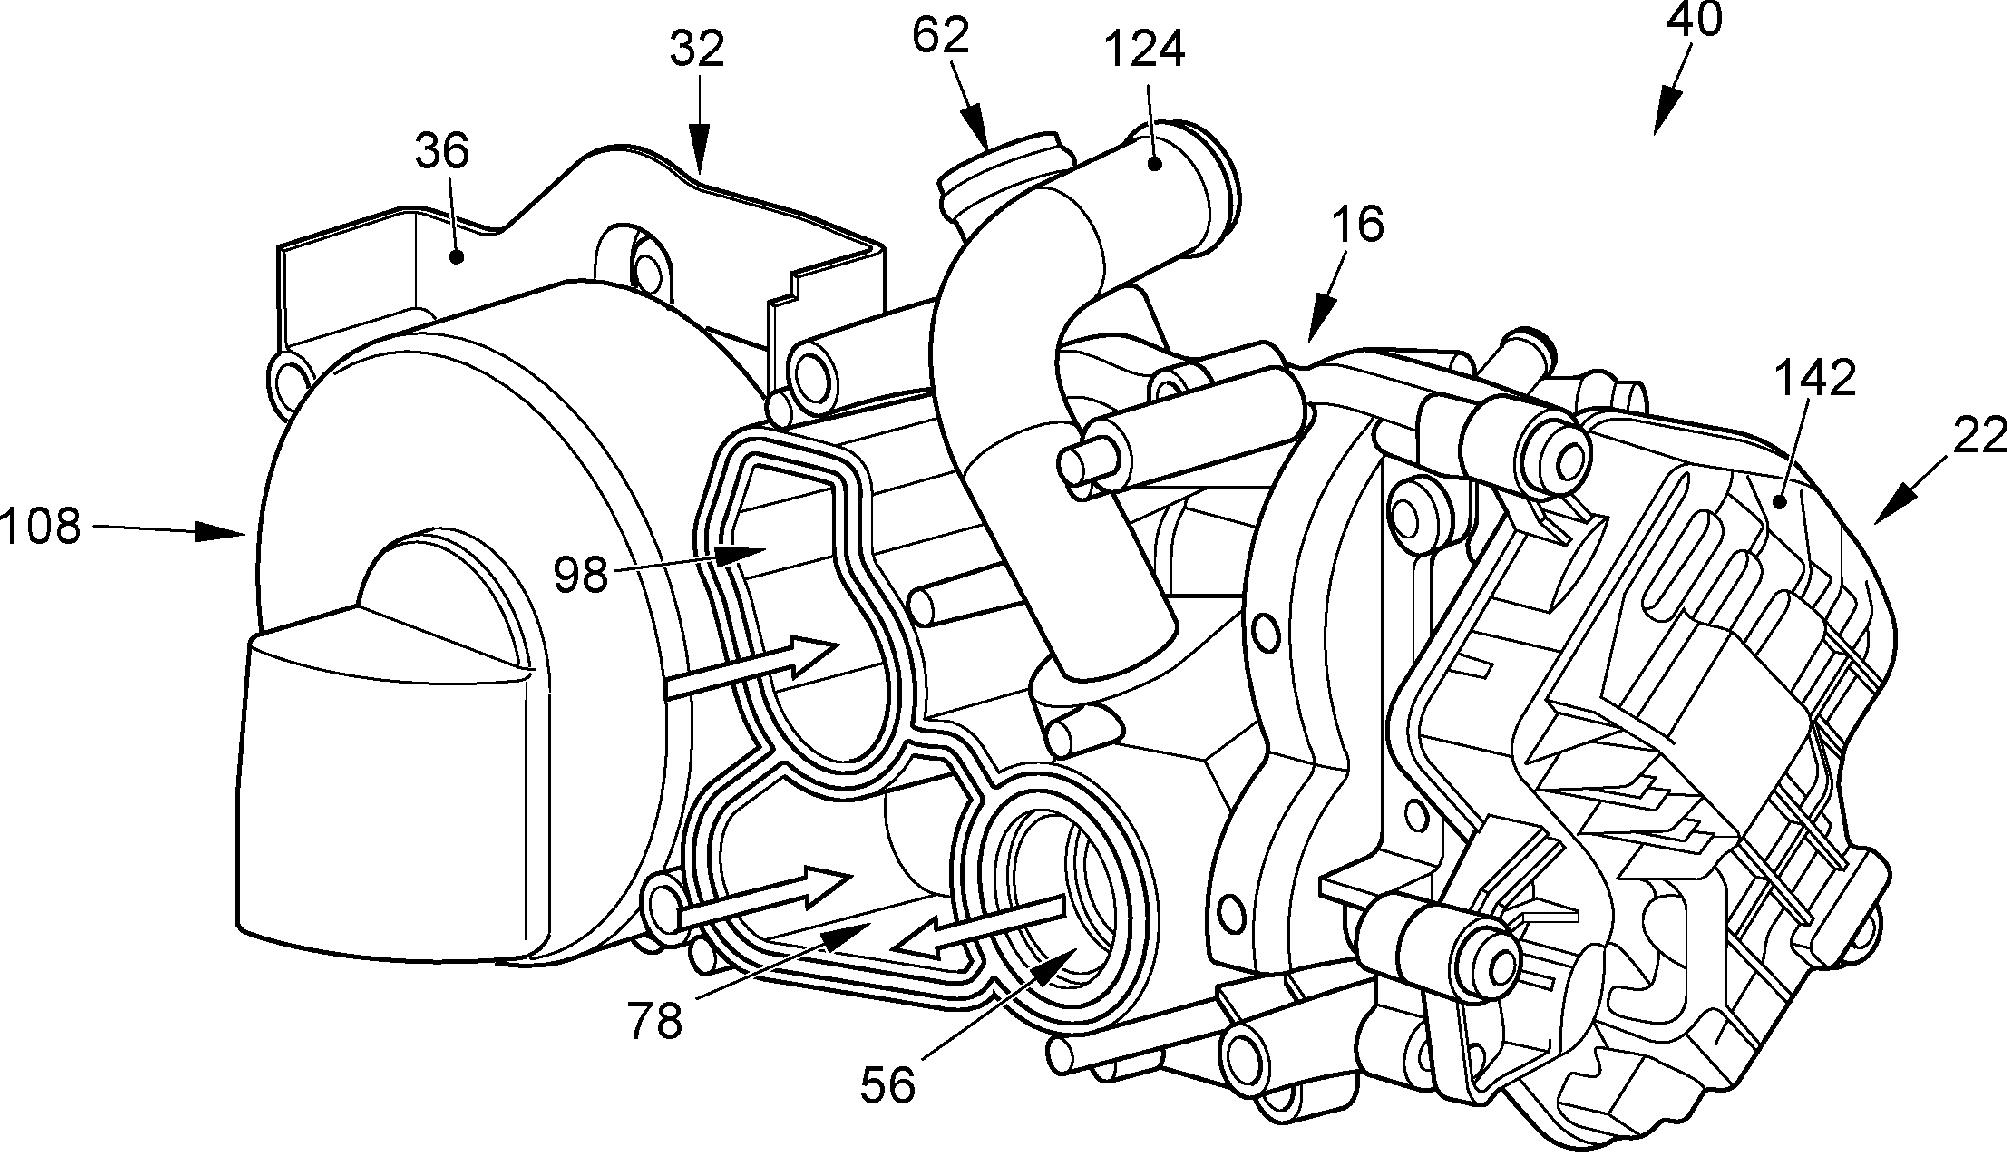 Figure DE102016118713A1_0001